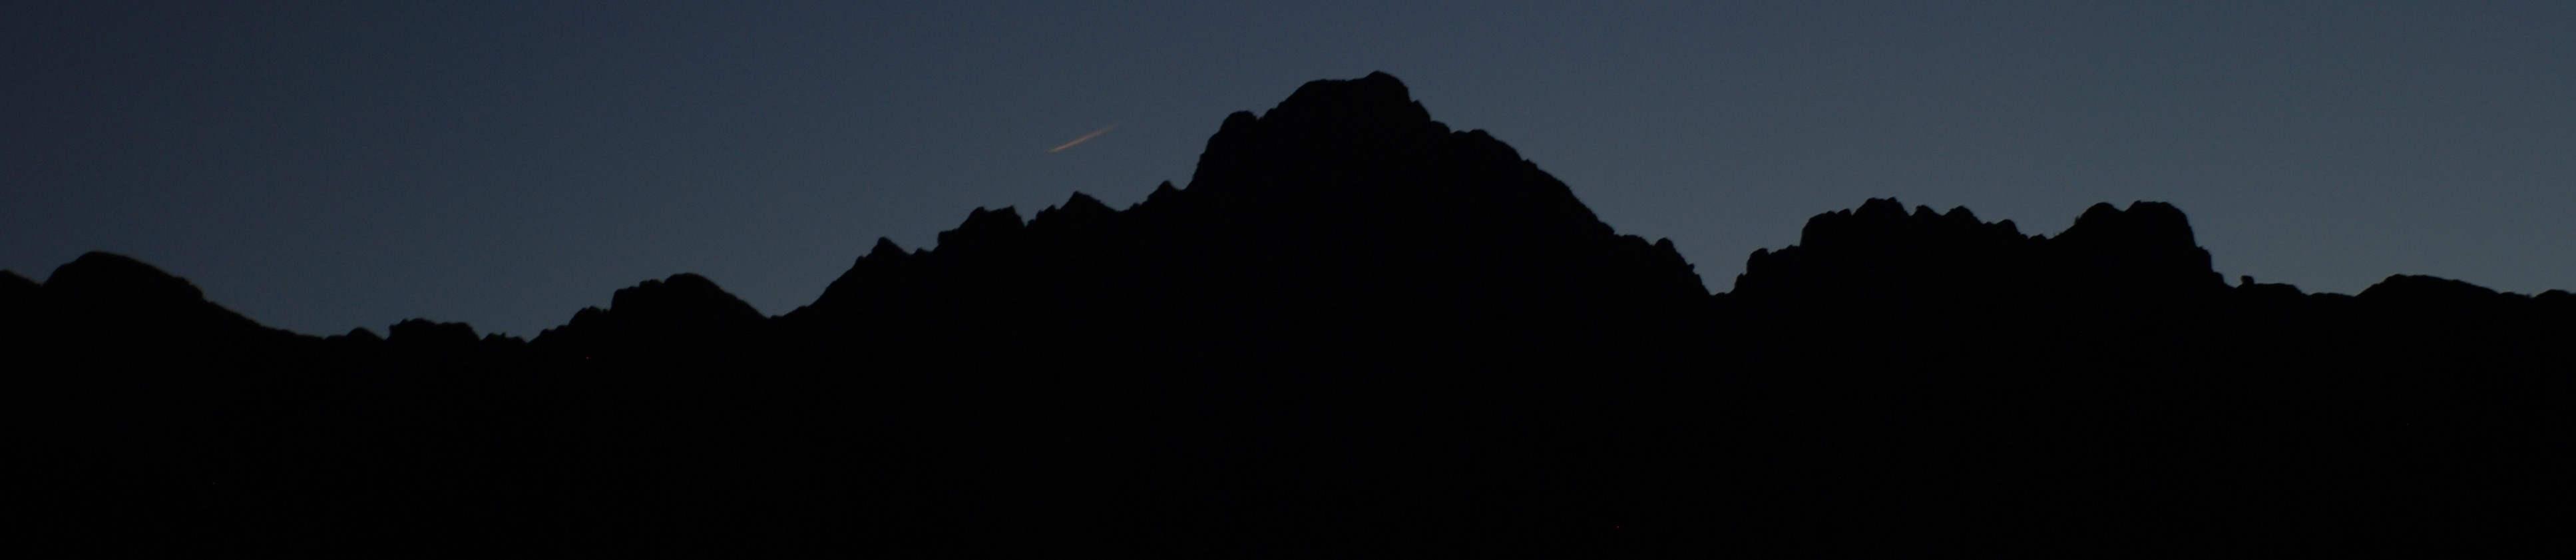 Chiarescon notturno e la meteora